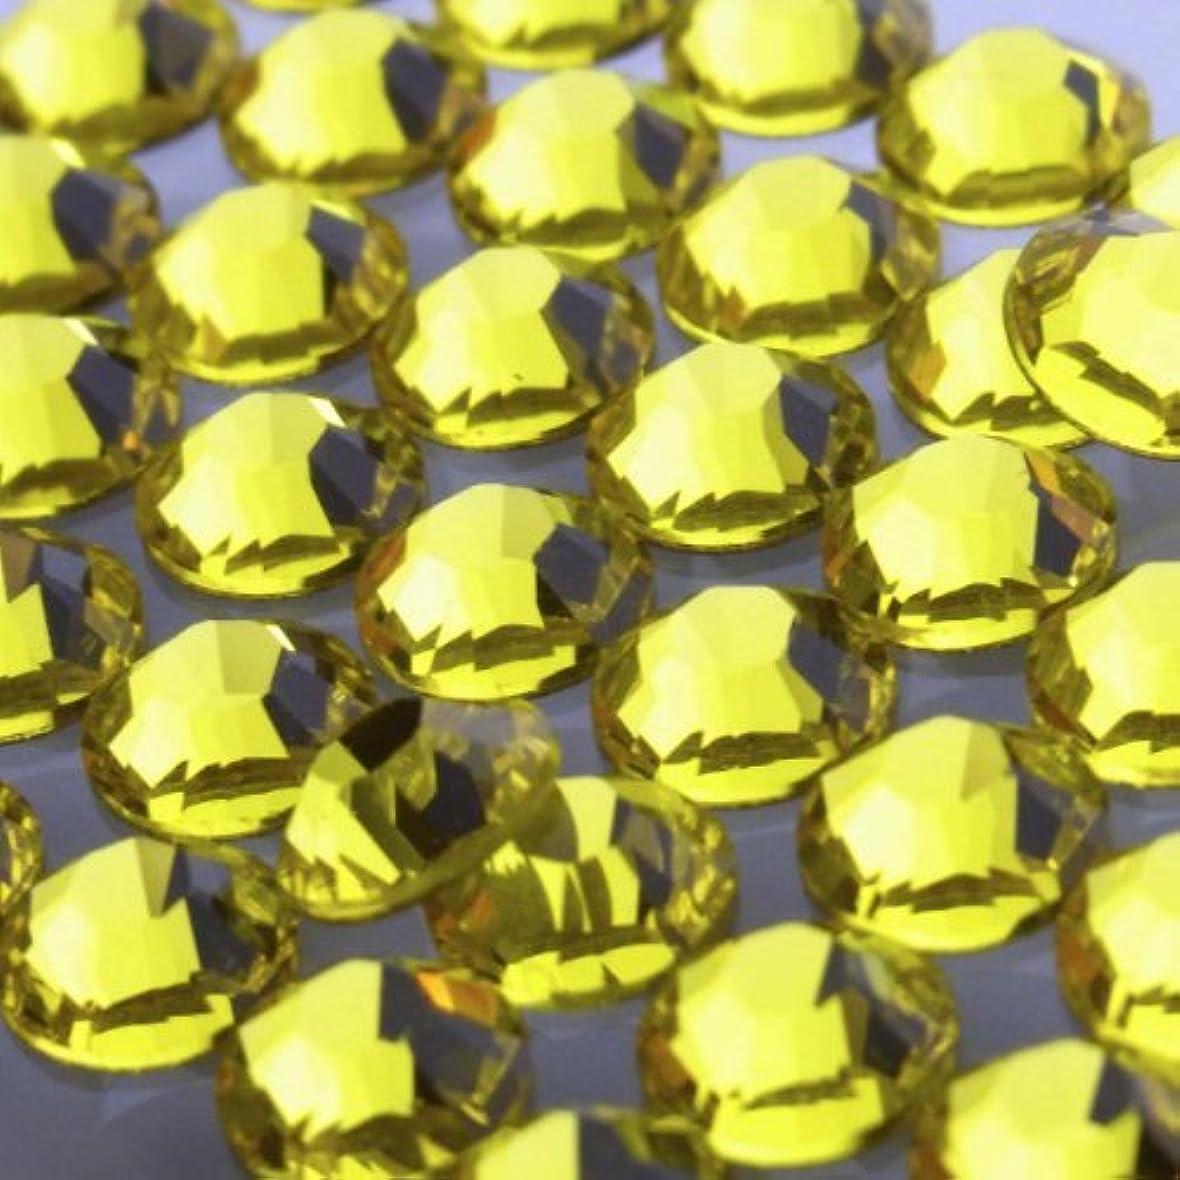 昆虫石膏悪意のある2028シトリンss30(100粒入り)スワロフスキーラインストーン(nohotfix)